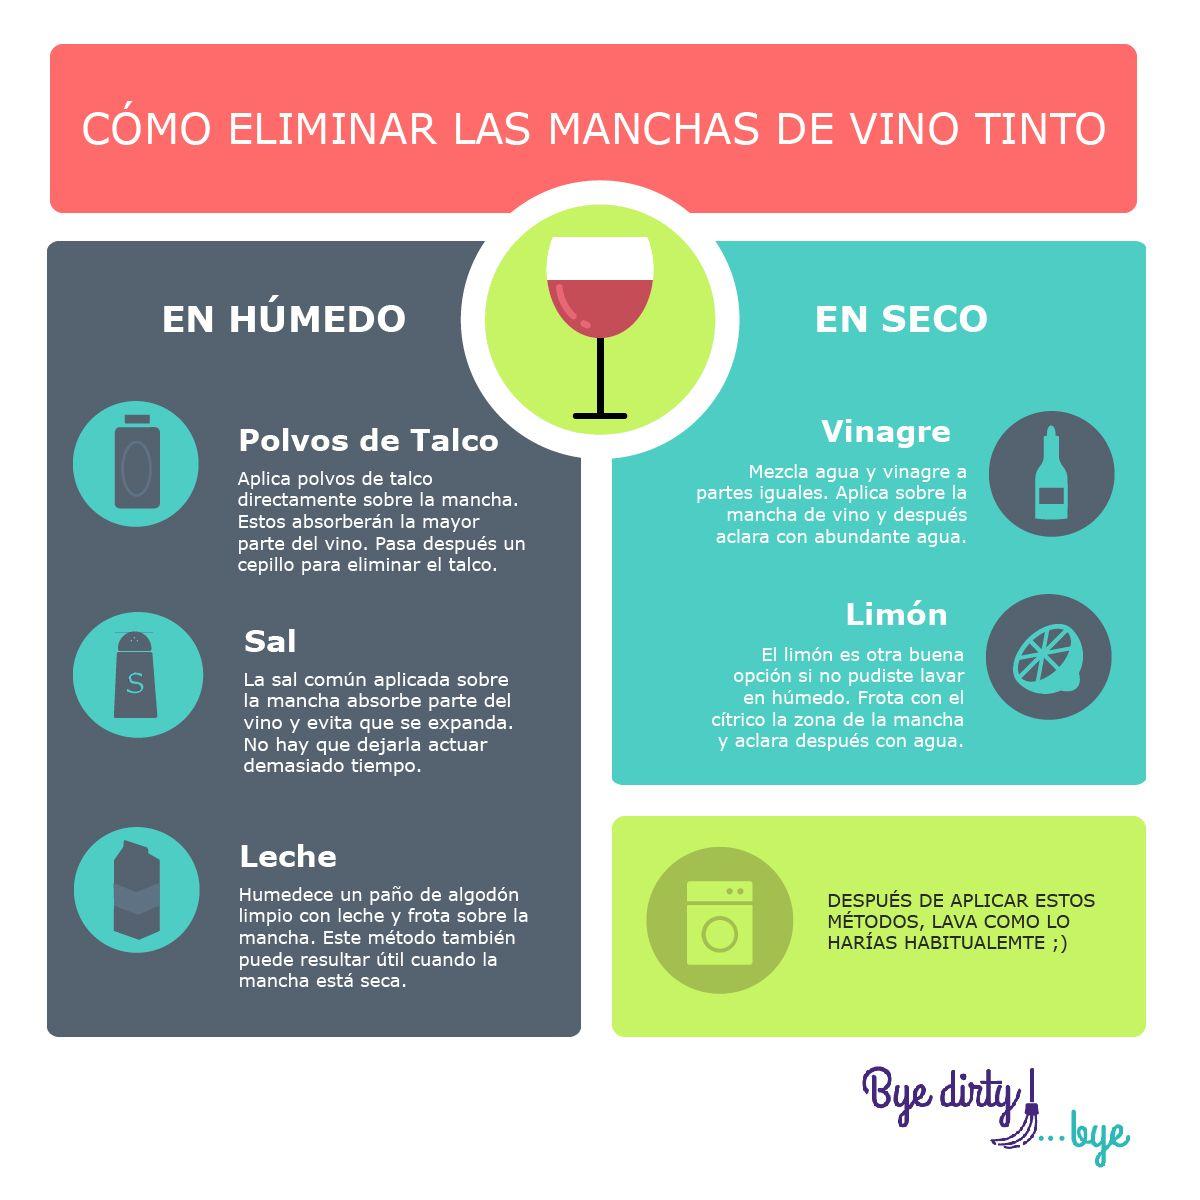 Empresa De Limpieza En Madrid Trucos Limpieza Eliminar Manchas Vino Tinto Manchas De Vino Manchas De Vino Tinto Trucos De Limpieza